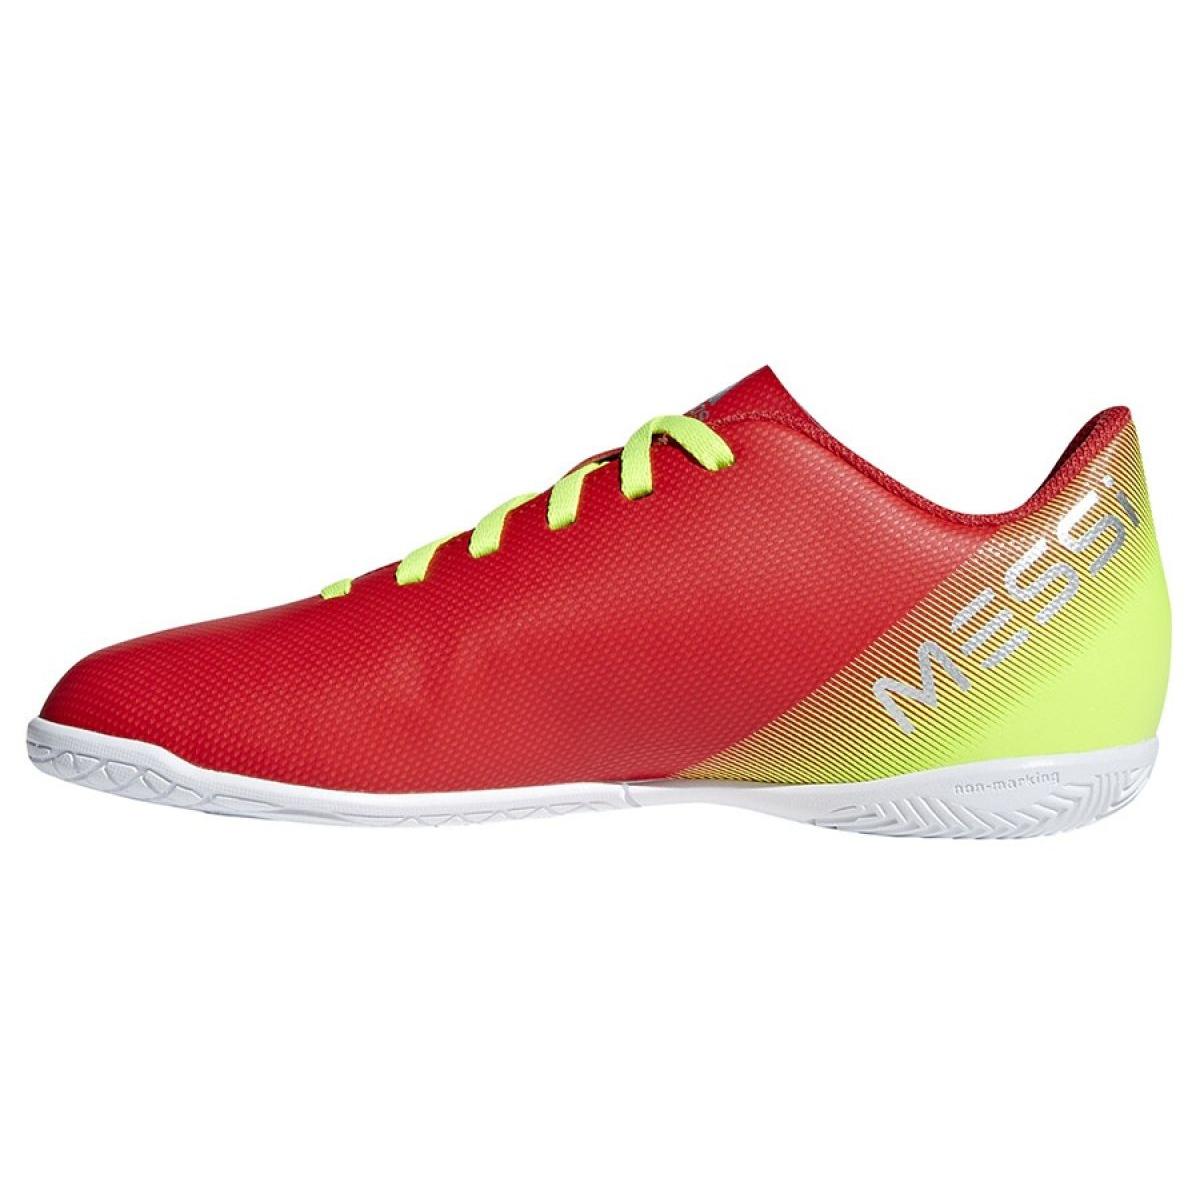 JrCm8639 Messi Schuhe In Indoor 18 Adidas 4 Nemeziz W2E9HYDI